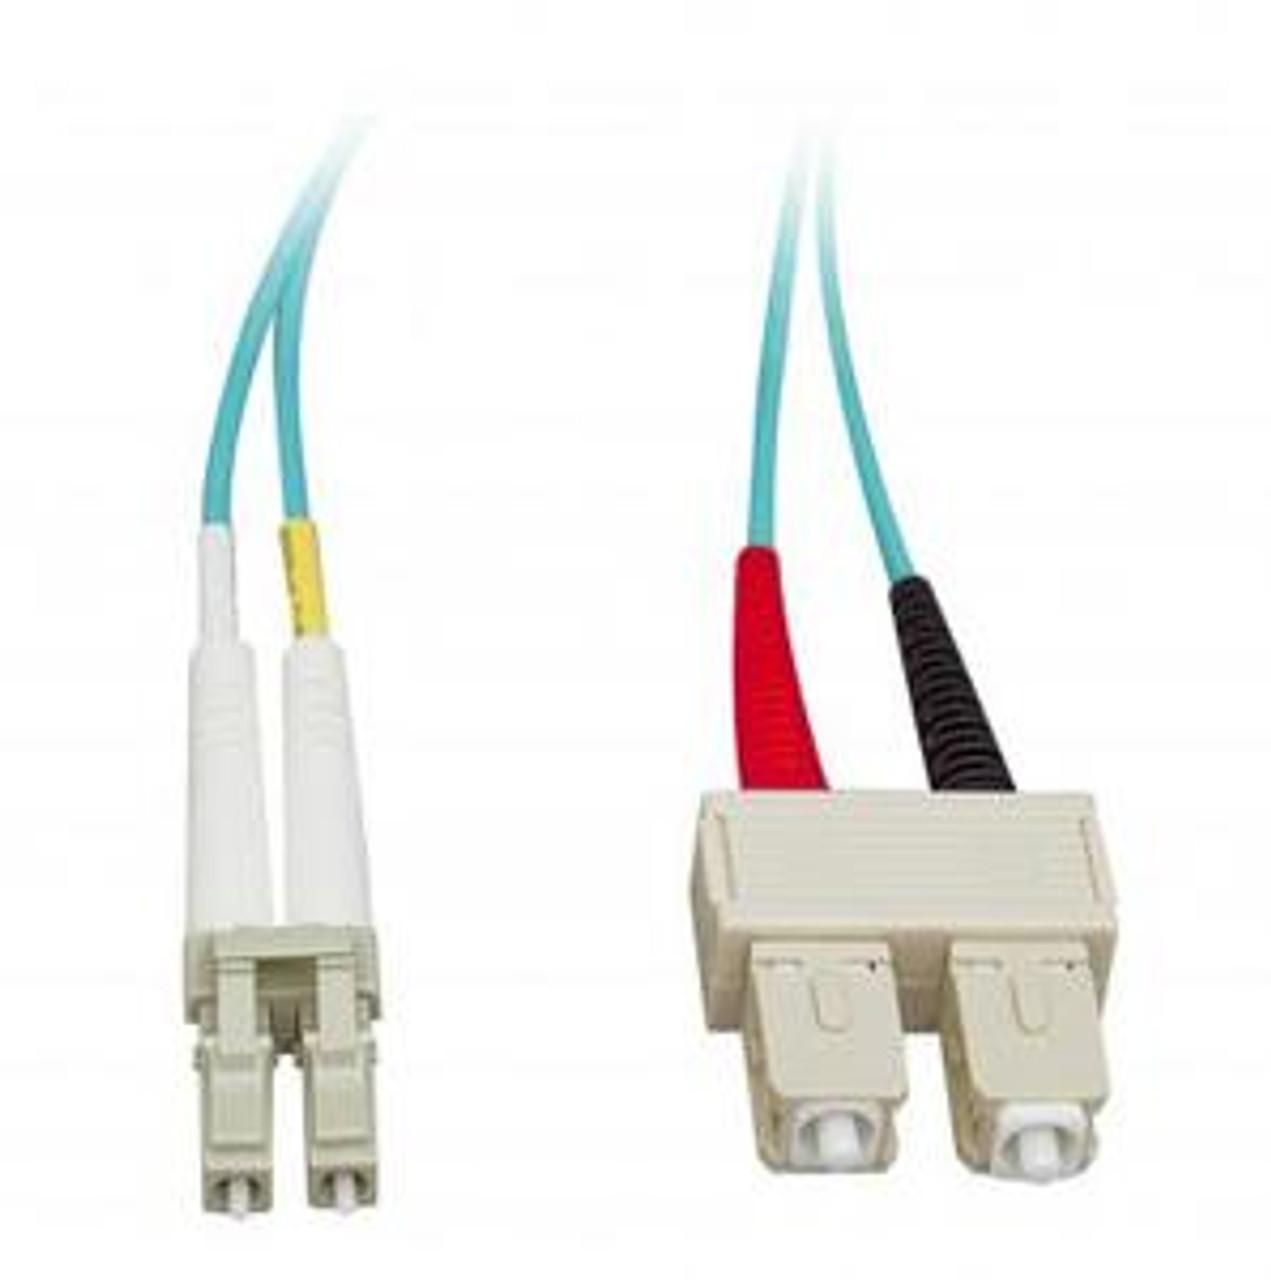 Multi Mode Duplex 50/125 LC to SC 10Gb Aqua Fiber Cable - 3M